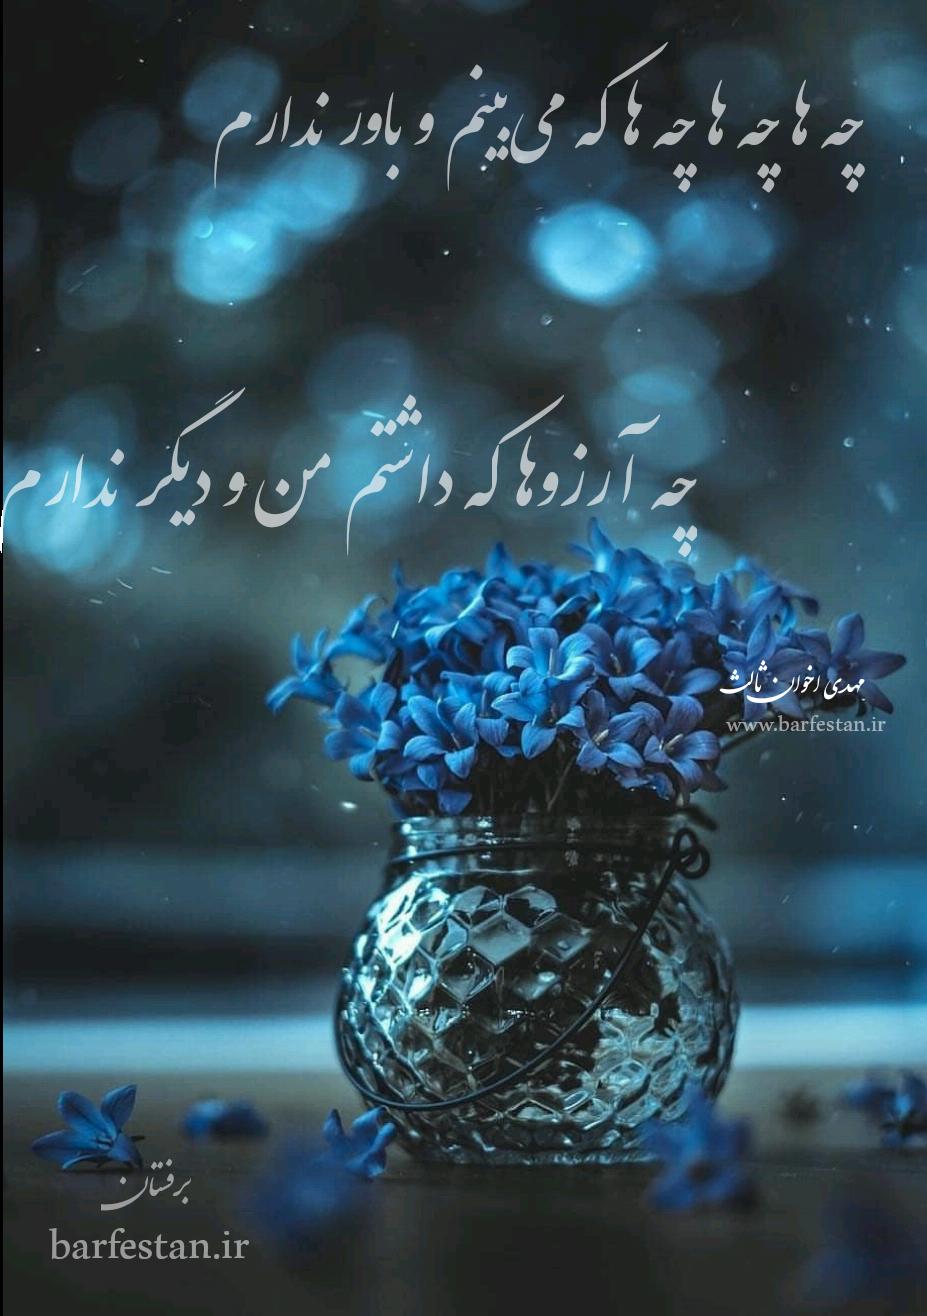 برفستان؛دمی با شاعران(مهدی اخوان ثالث)؛ قسمت پنجم